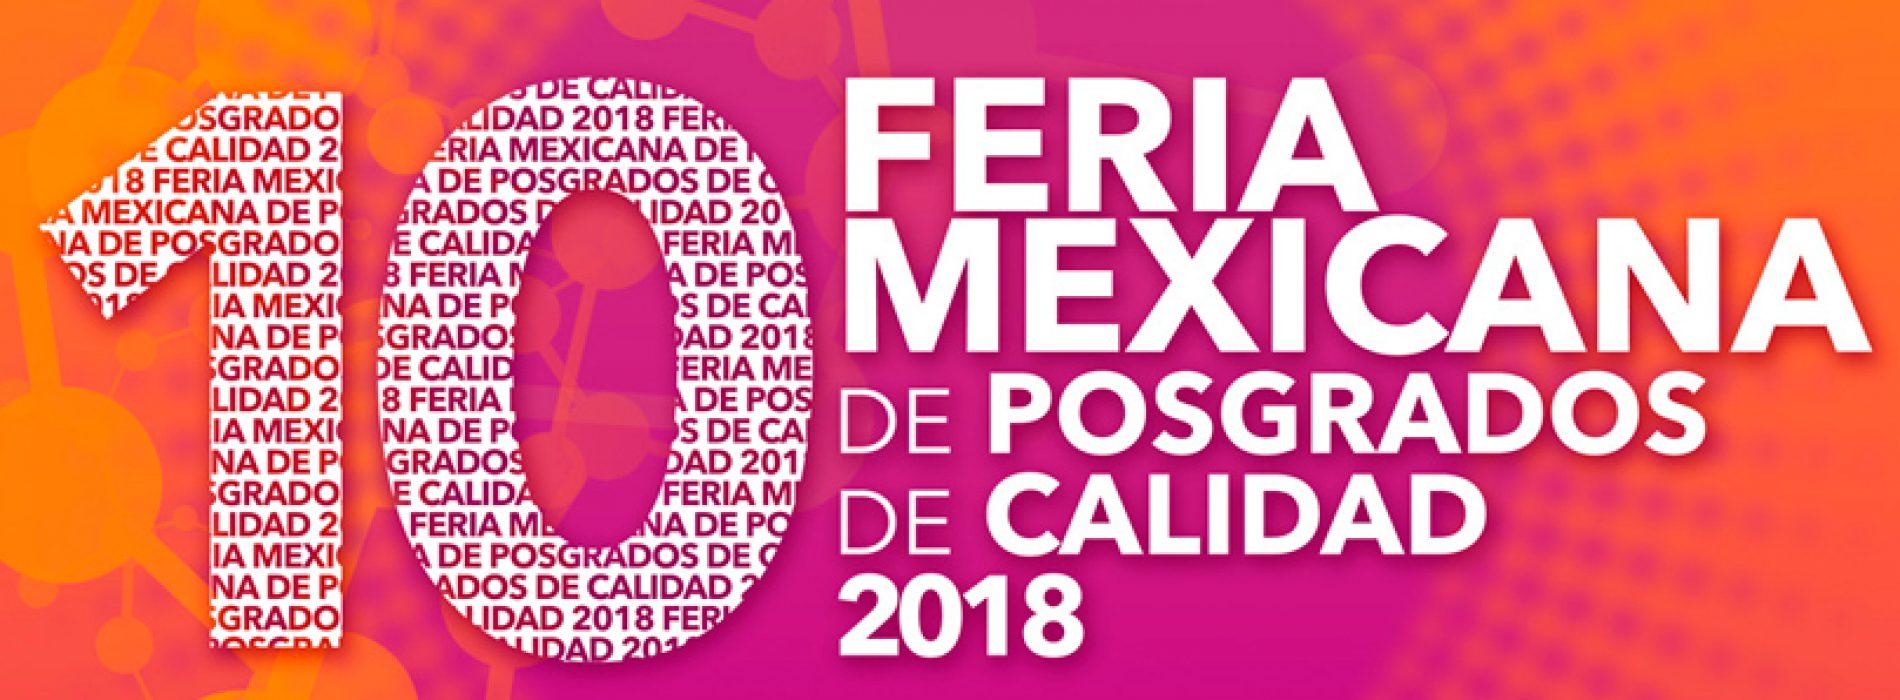 Invitación Inauguración X Feria Mexicana de Posgrados de Calidad 2018